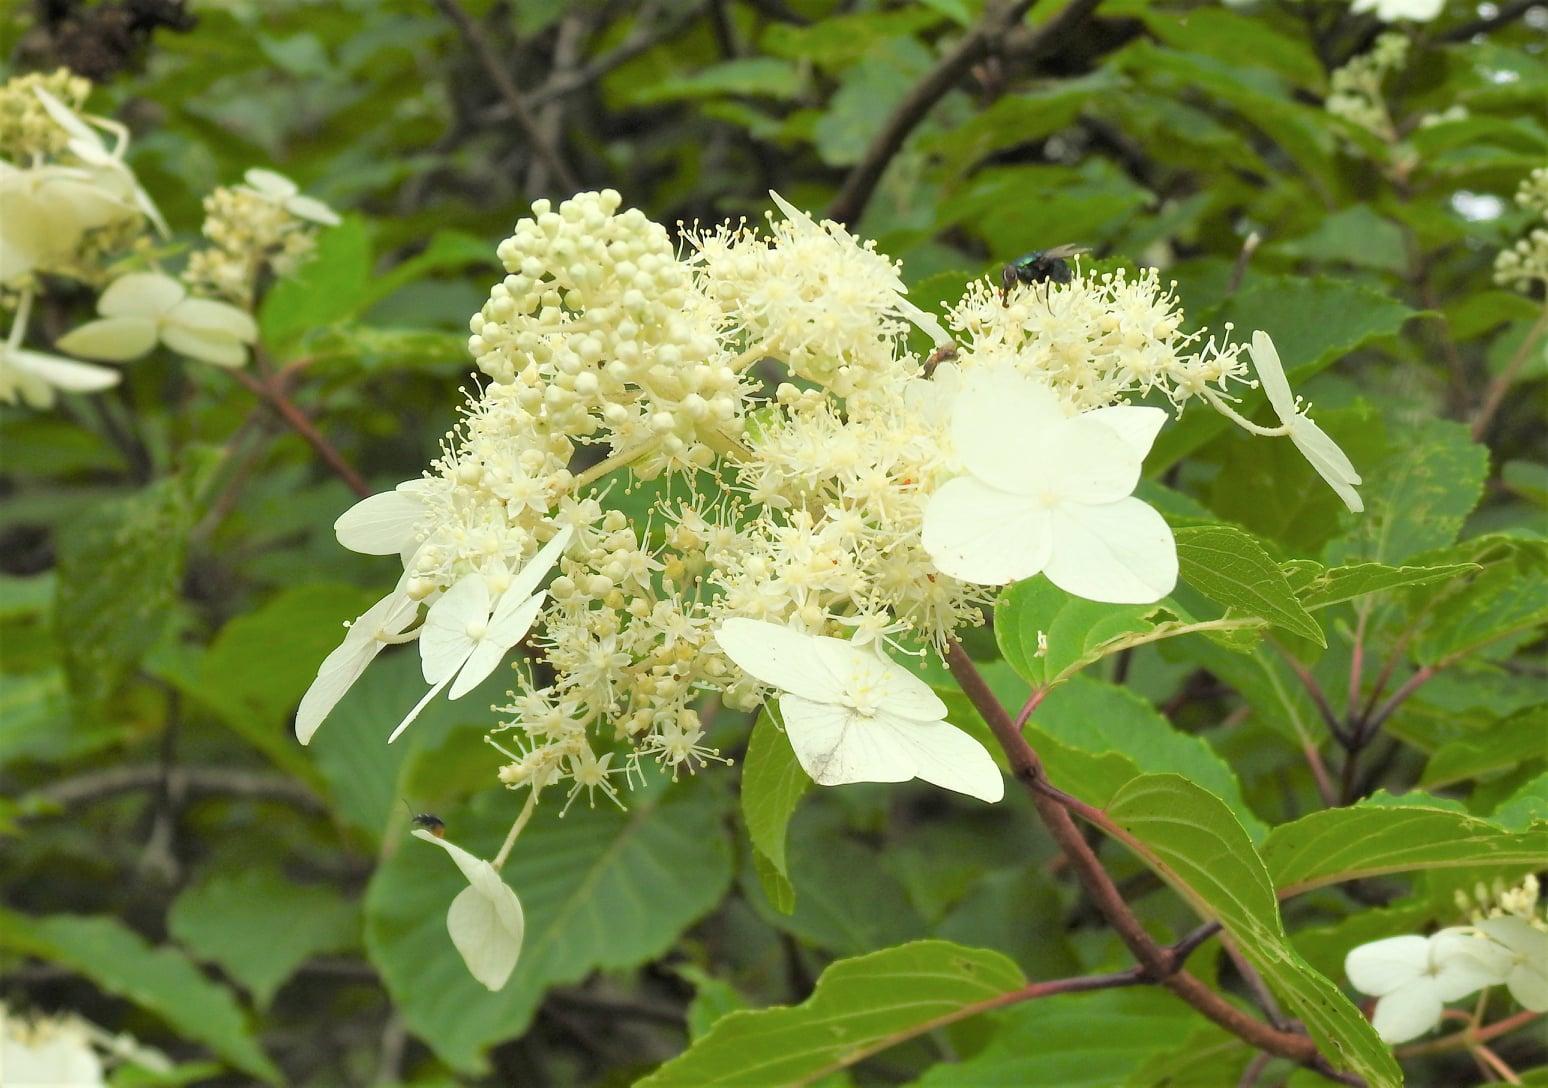 ☆ノリウツギ(乳白色が目立つ花)